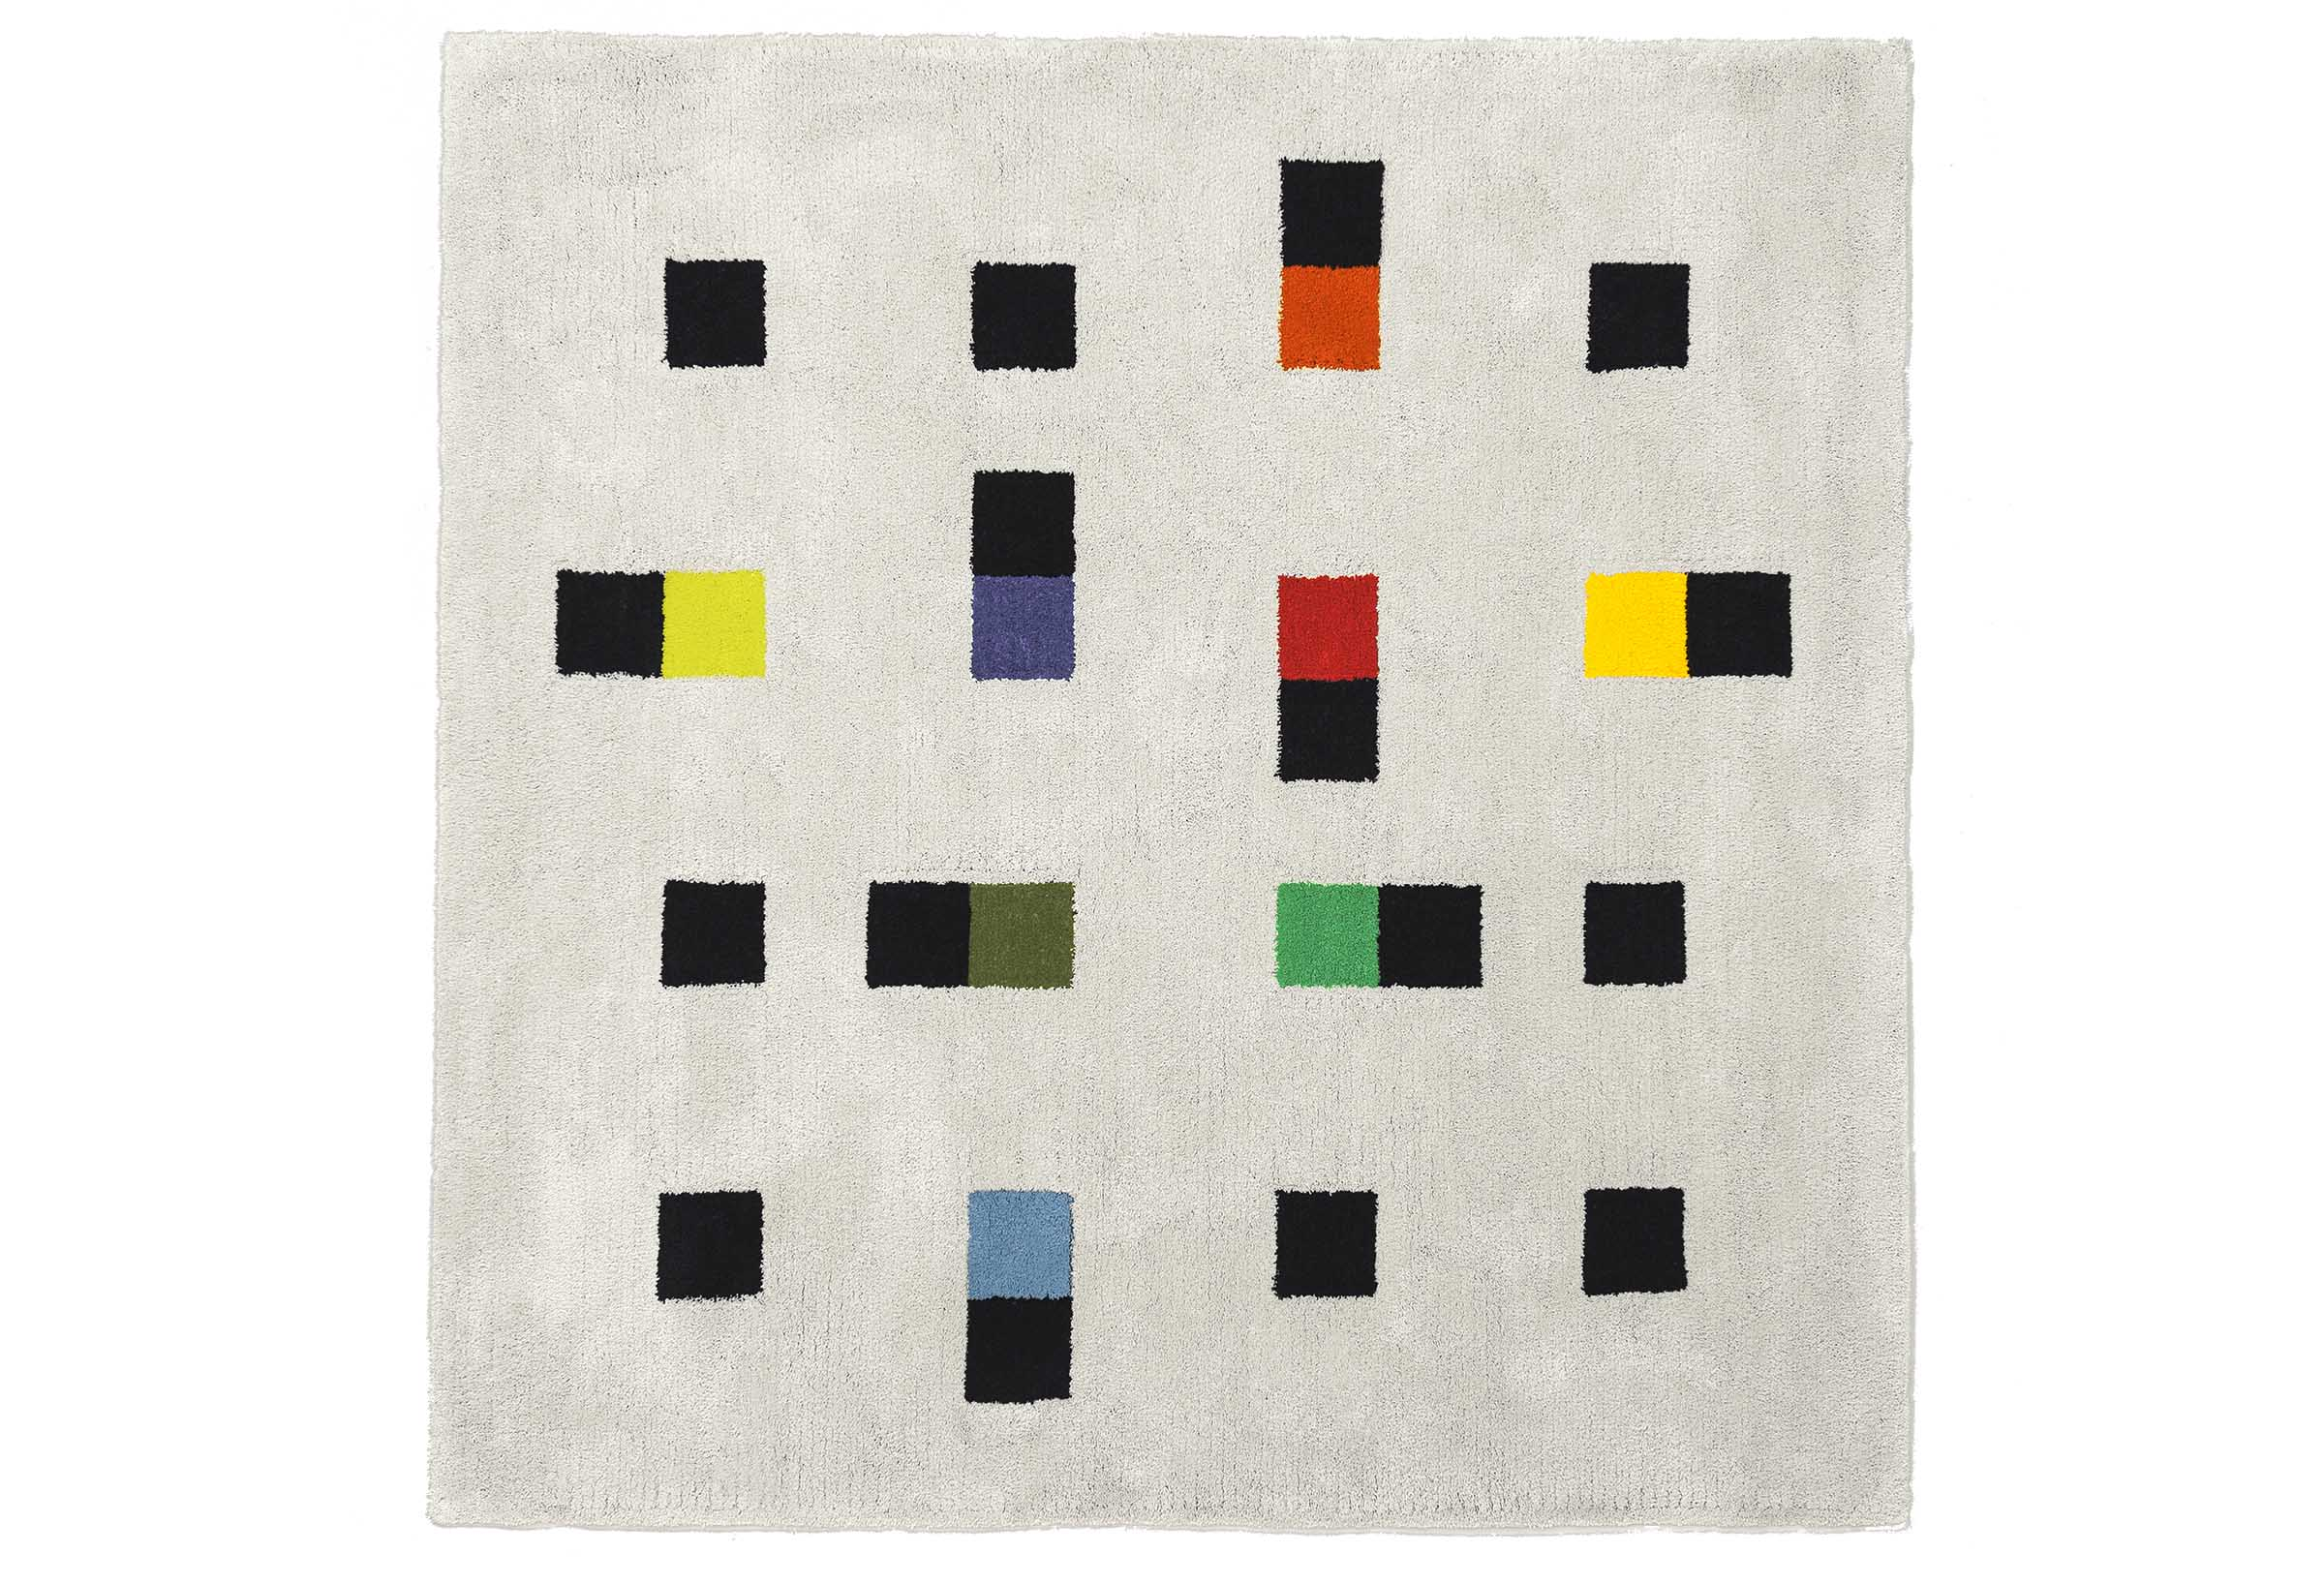 【METROCS】 マックス・ビル カラフルアクセンツ ラグ Max Bill  colorful accents rug